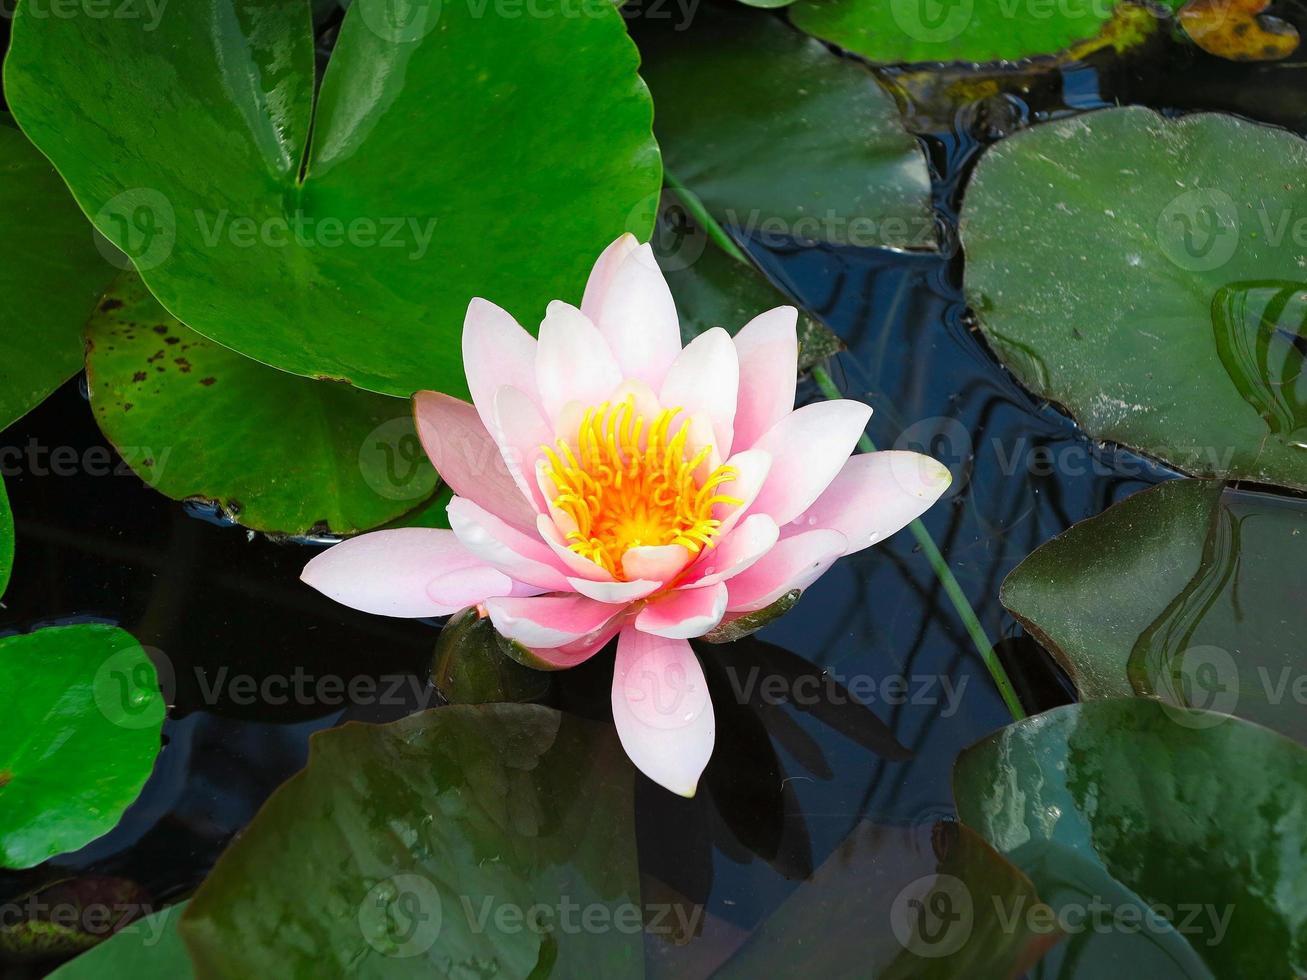 bellissimo fiore di loto rosa ninfea in foglie verdi dello stagno foto